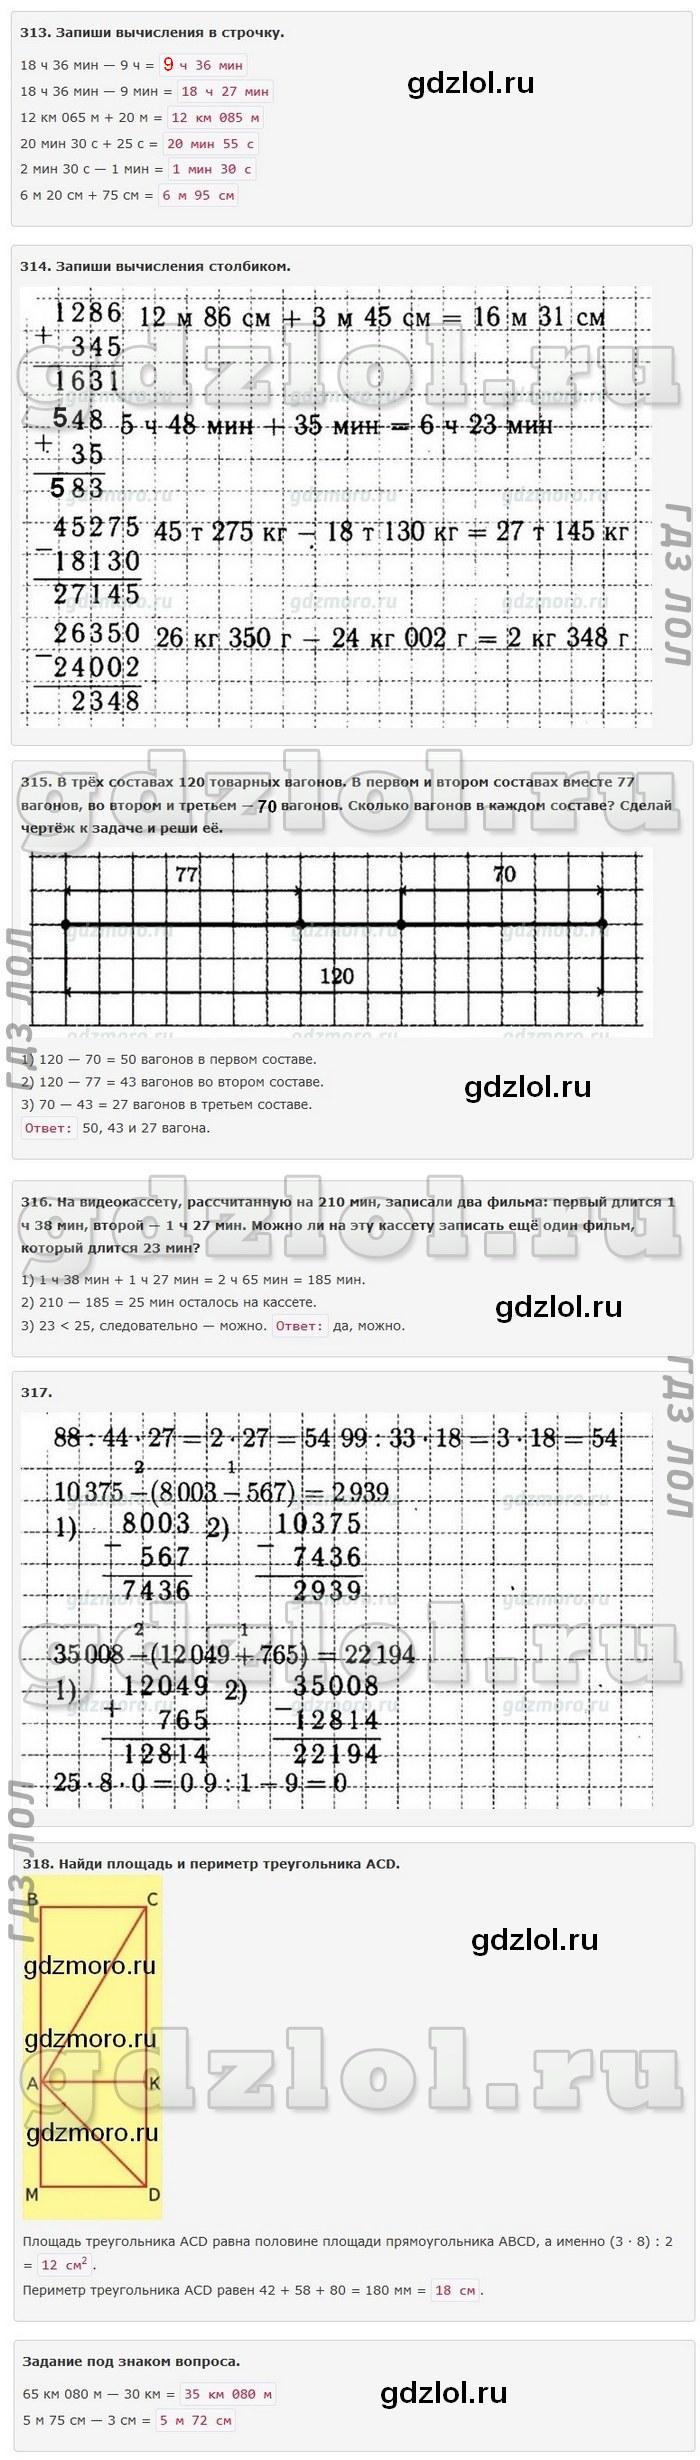 решебник гдз математика 4 класс 1 2 часть 2017г моро м и и др